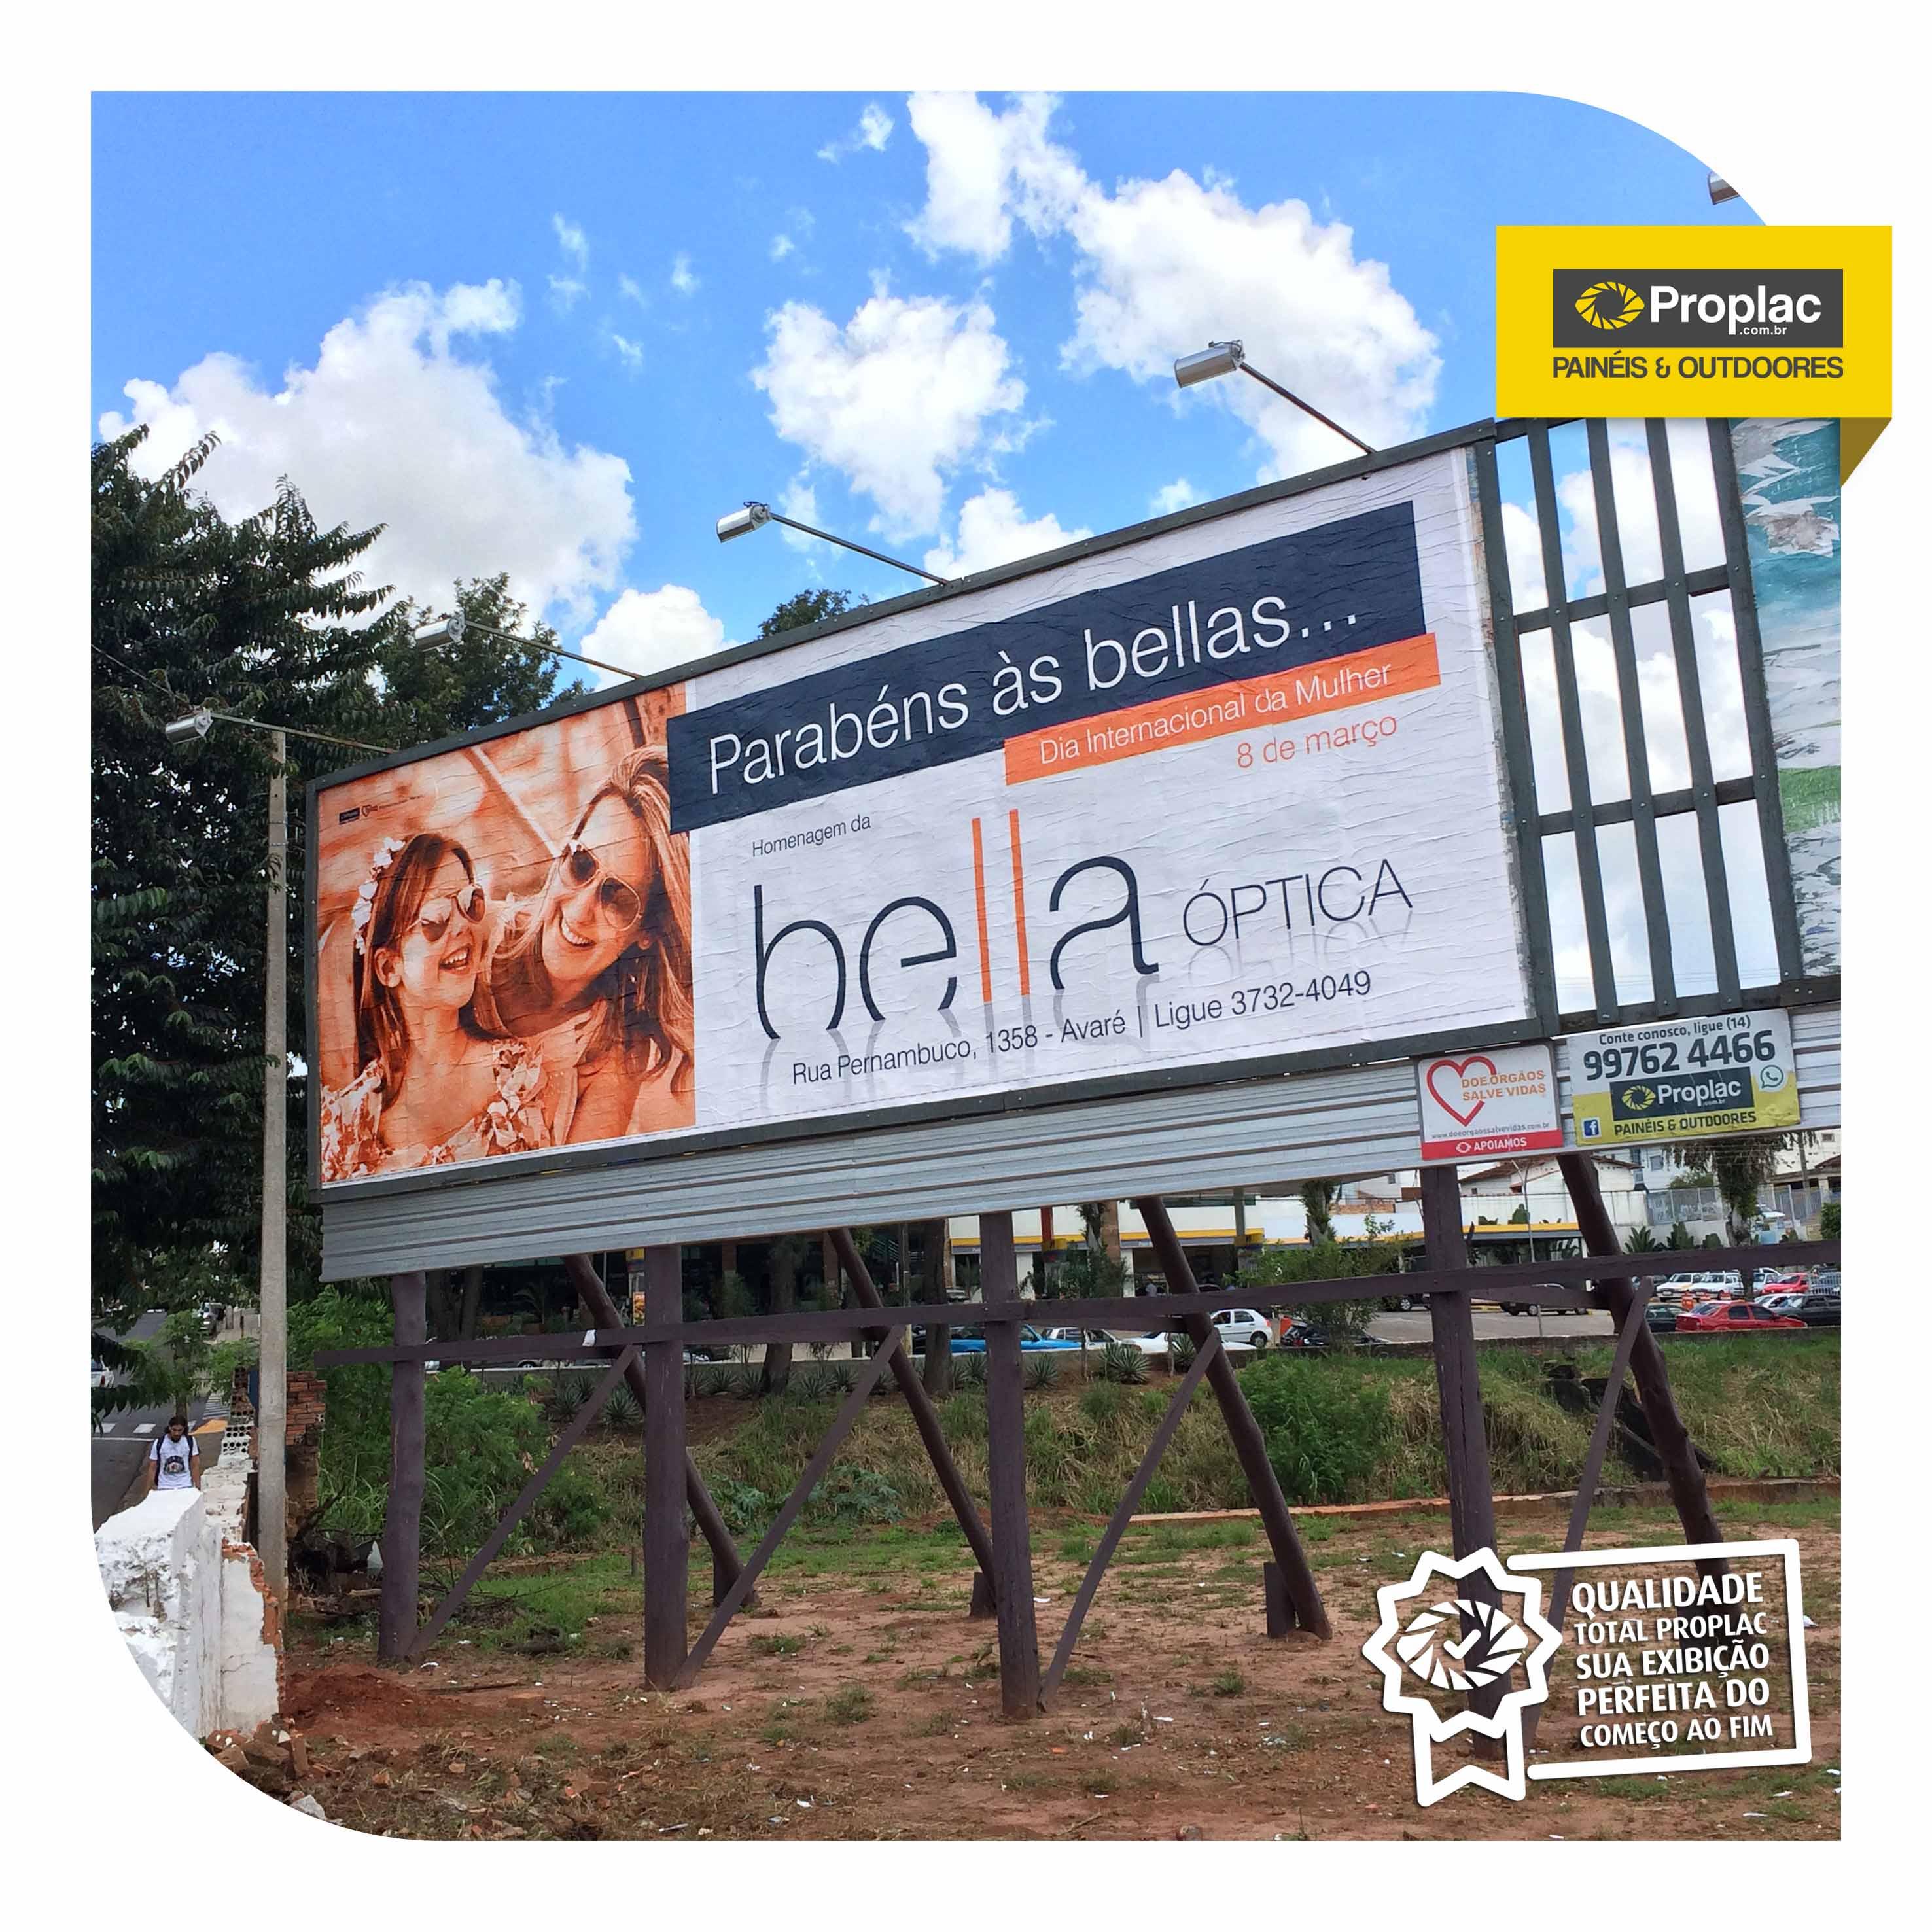 631d49fad41a6 BELLA ÓPTICA Rua Pernambuco, 1358 – Centro Avaré – SP – Brasil Tel (14)  3732.4049